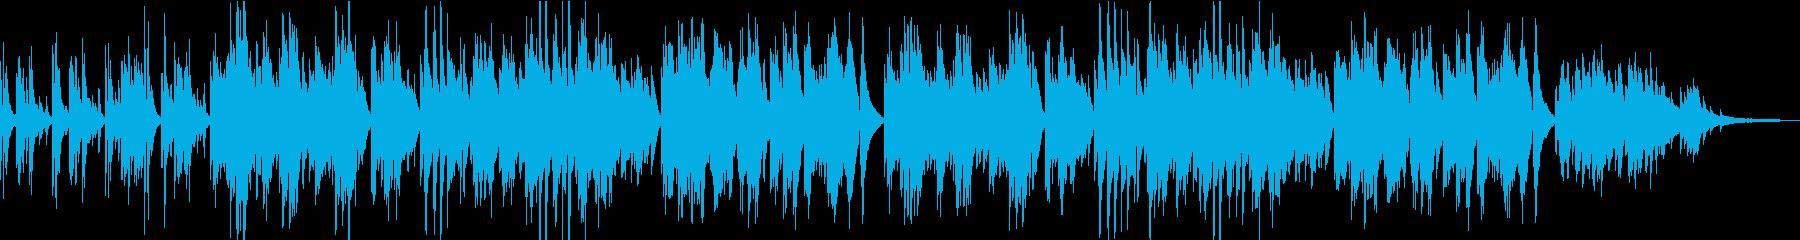 しっとり切なく回想的なピアノソロの再生済みの波形